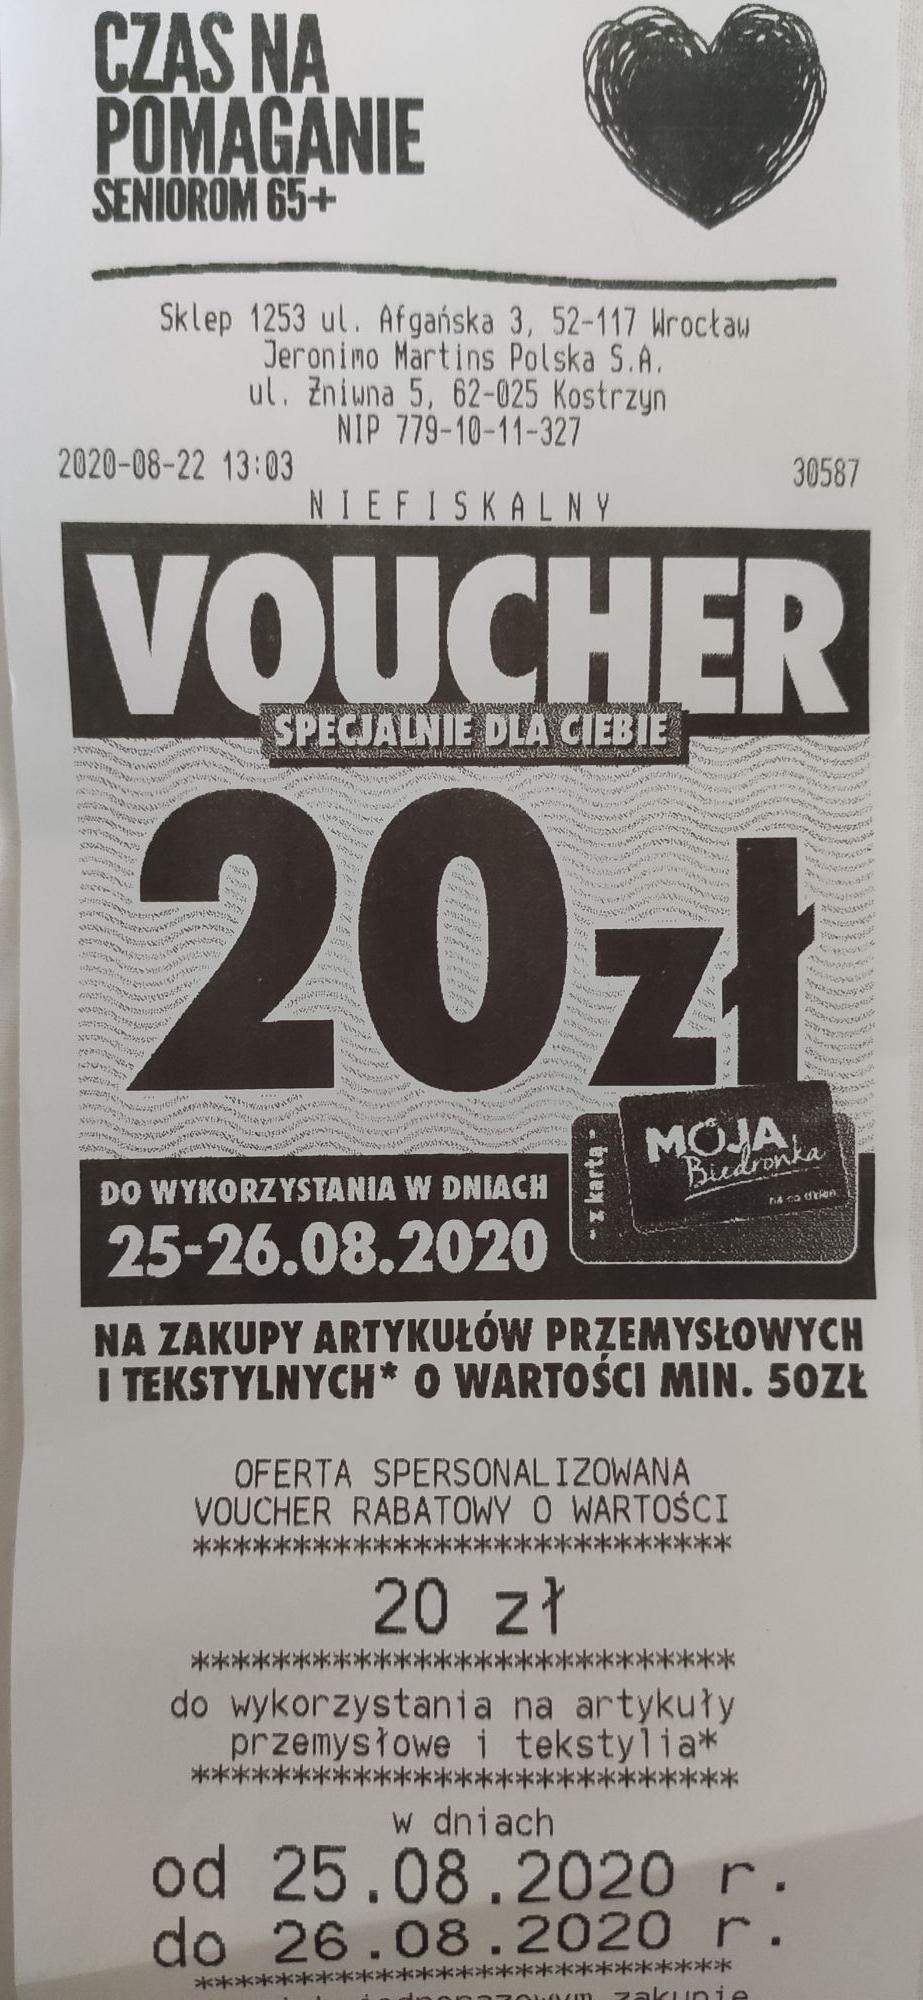 20 zł voucher biedronka 25-26.08.2020 na przemysłowe i tekstylia